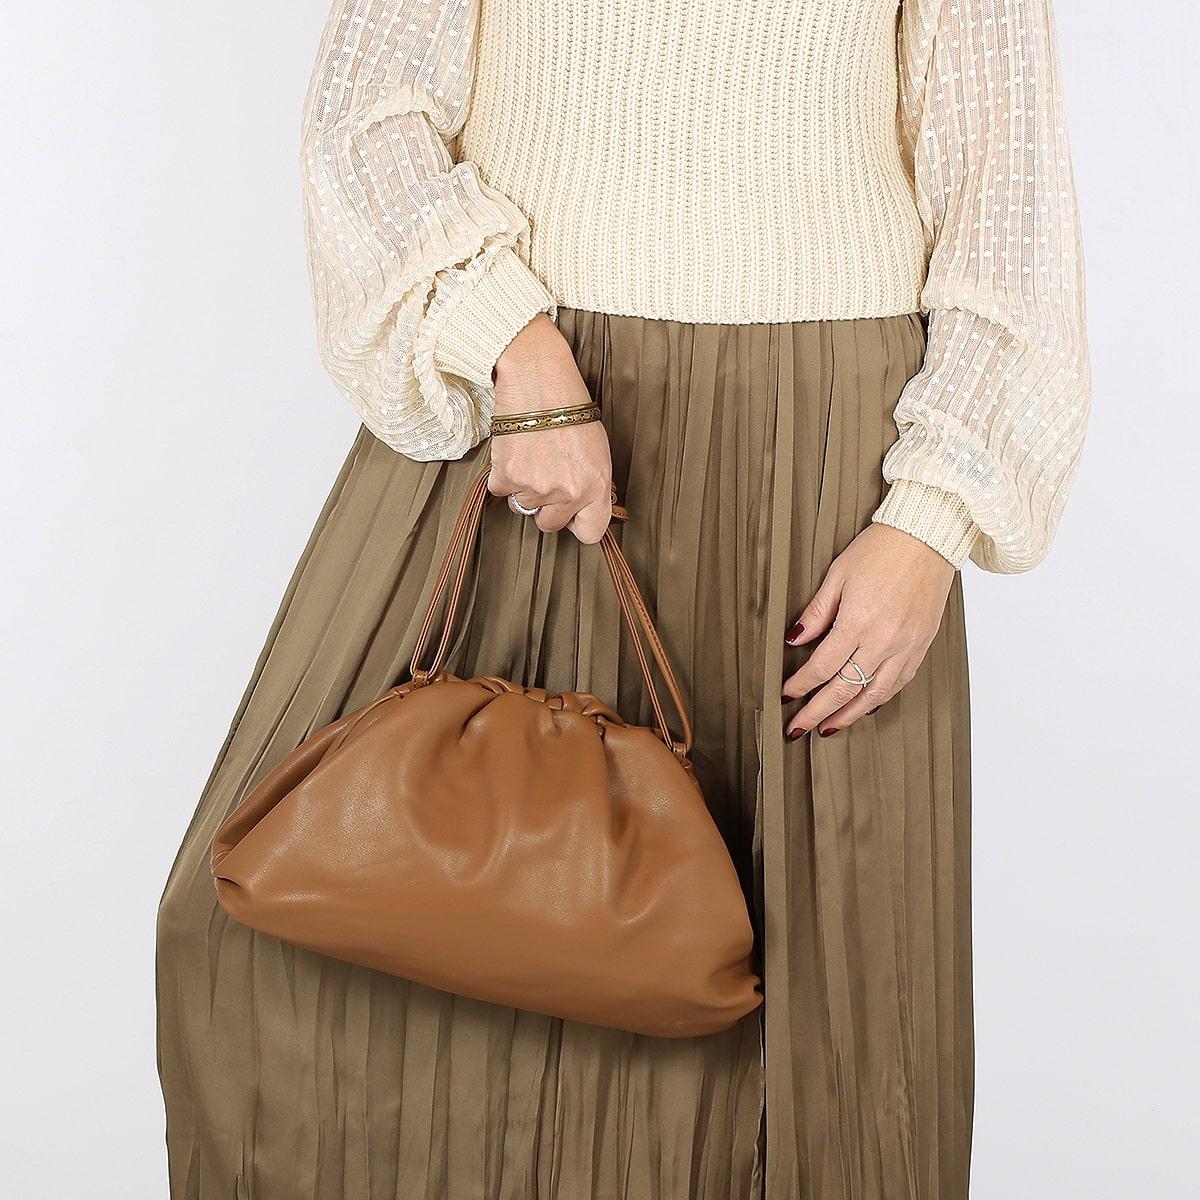 דגם הילי: תיק לנשים בצבע קאמל